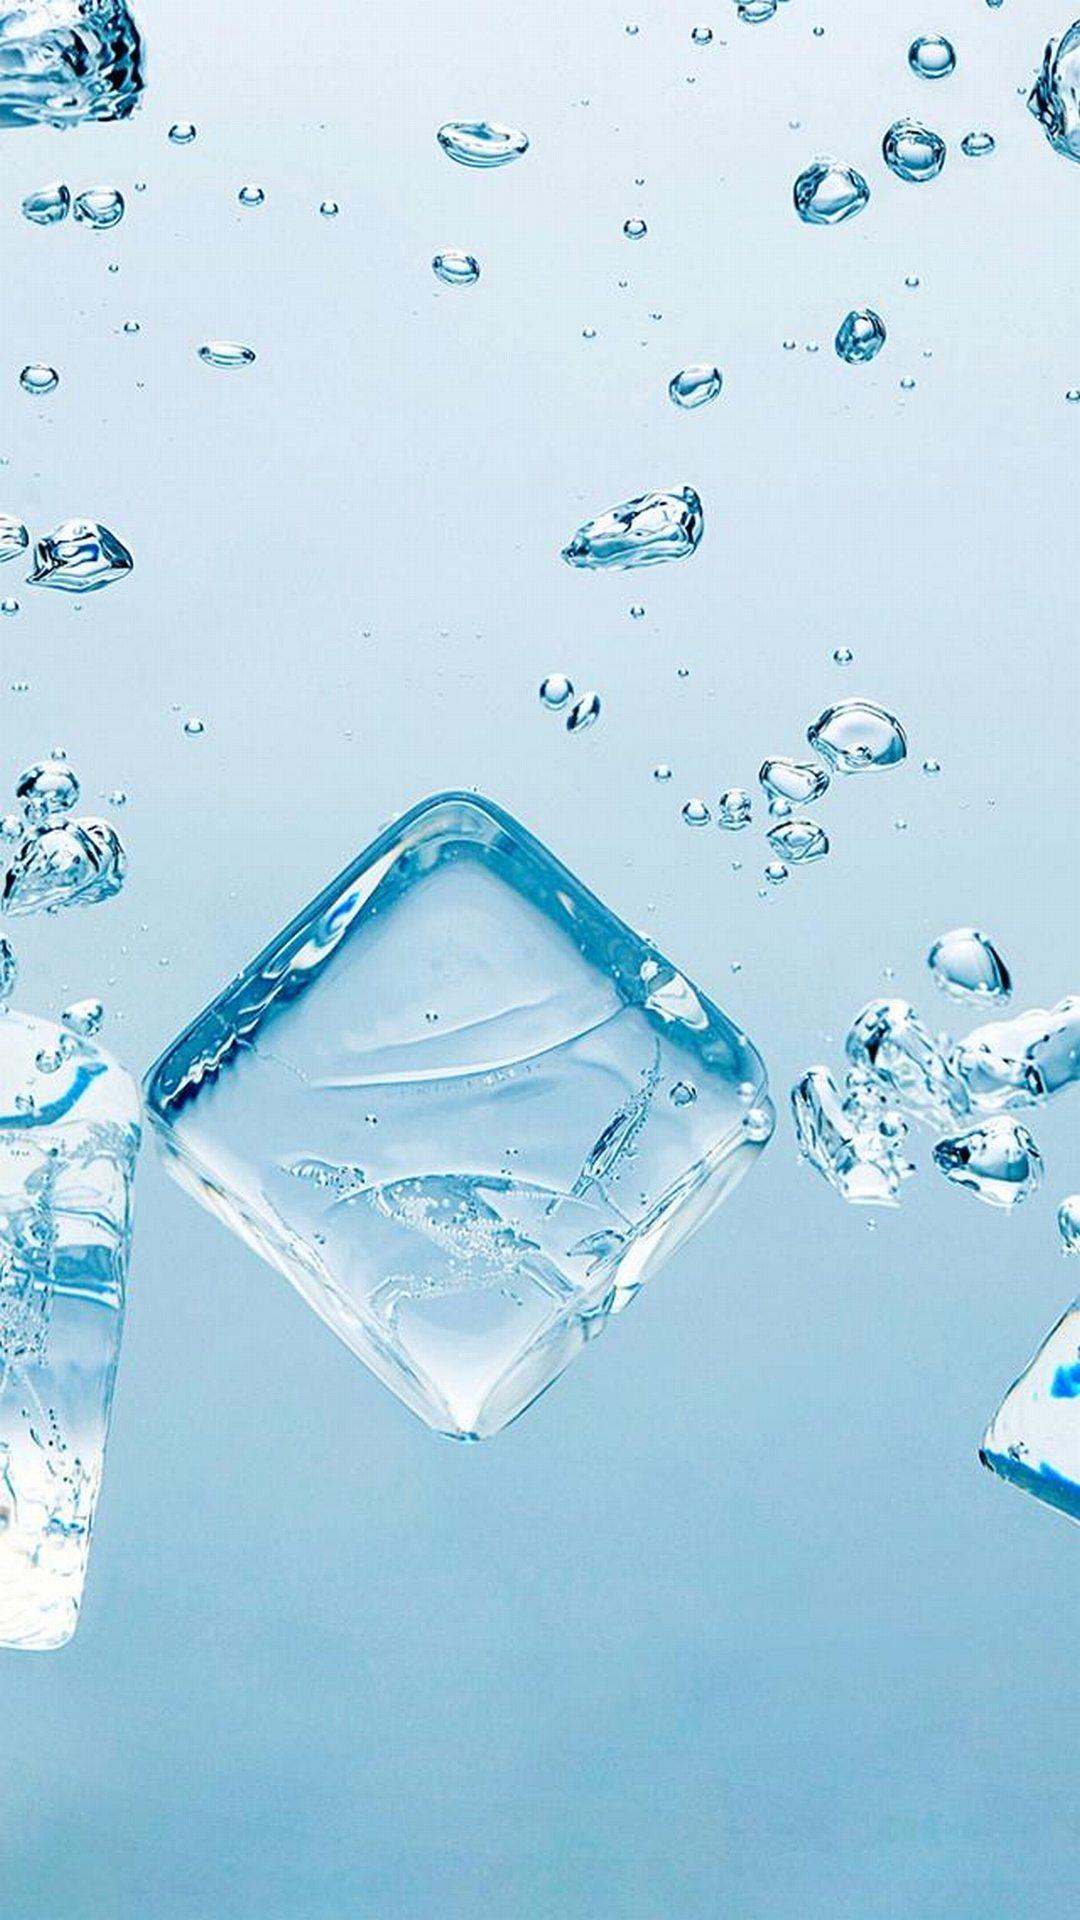 3D ice cubes